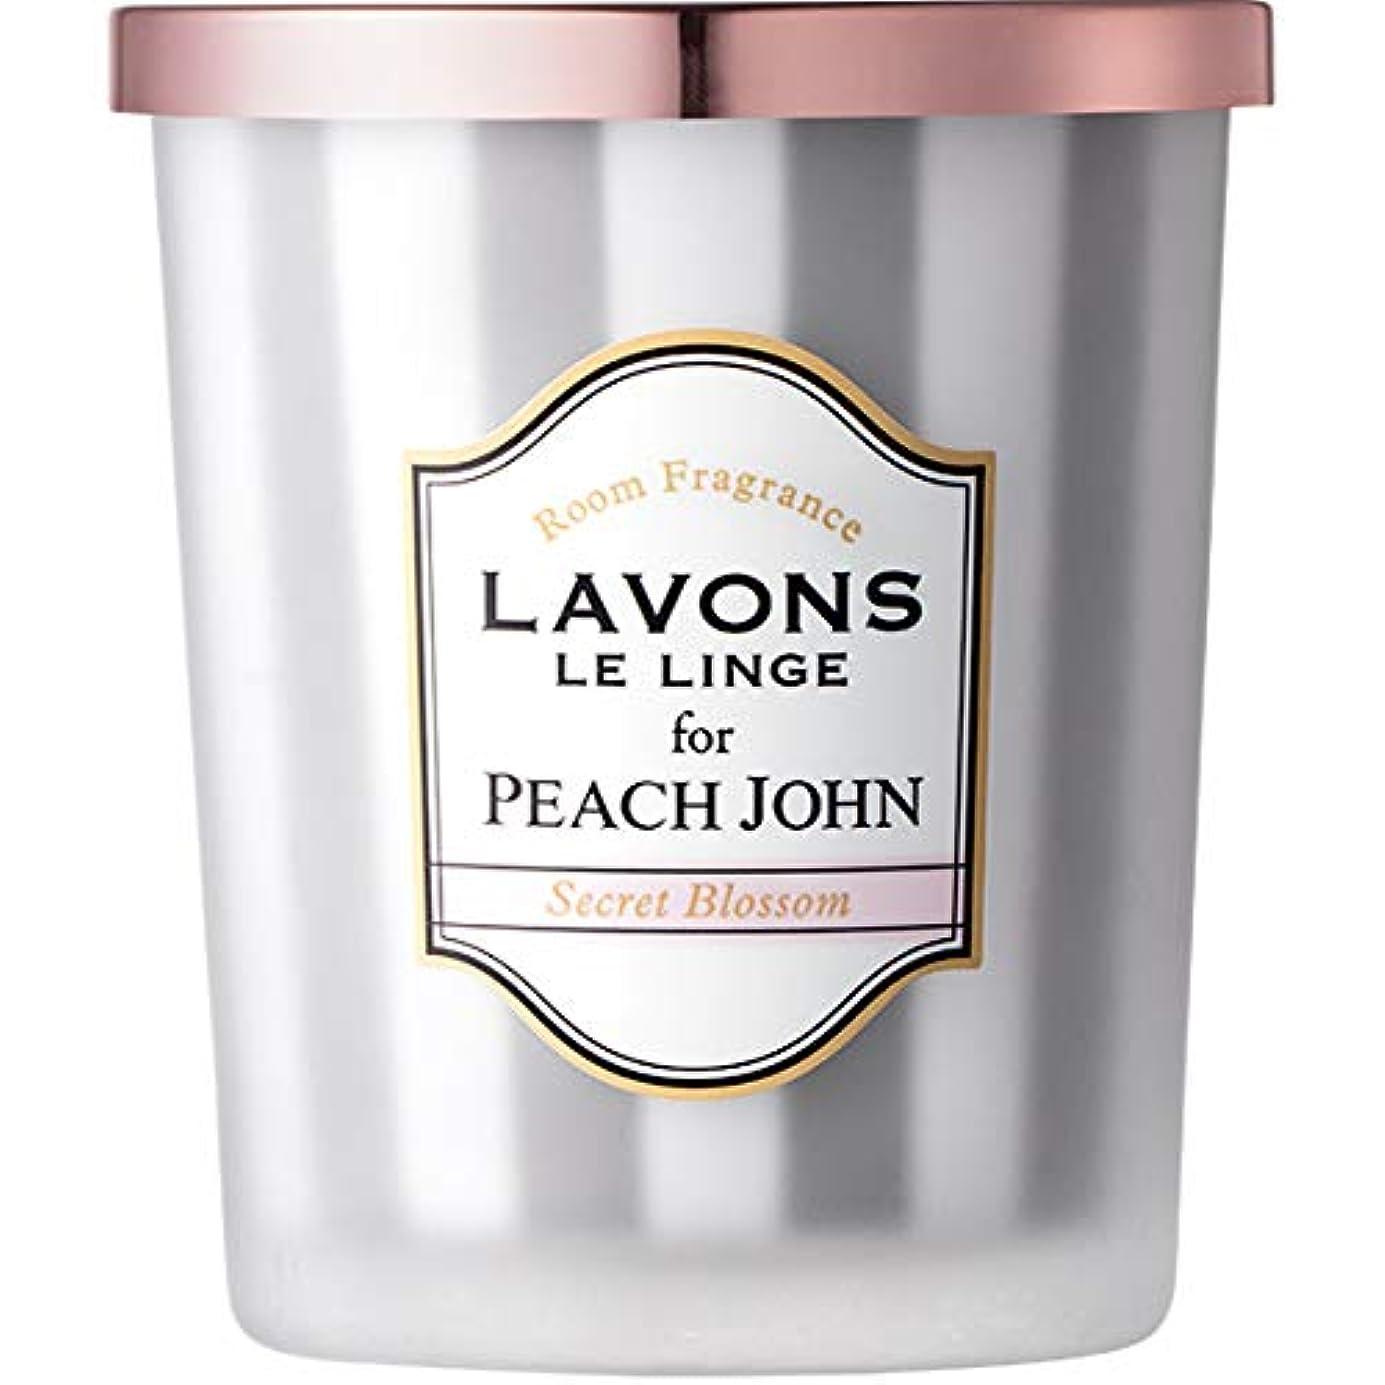 ヒューズルアー切り刻むラボン for PEACH JOHN 部屋用フレグランス シークレットブロッサムの香り 150g